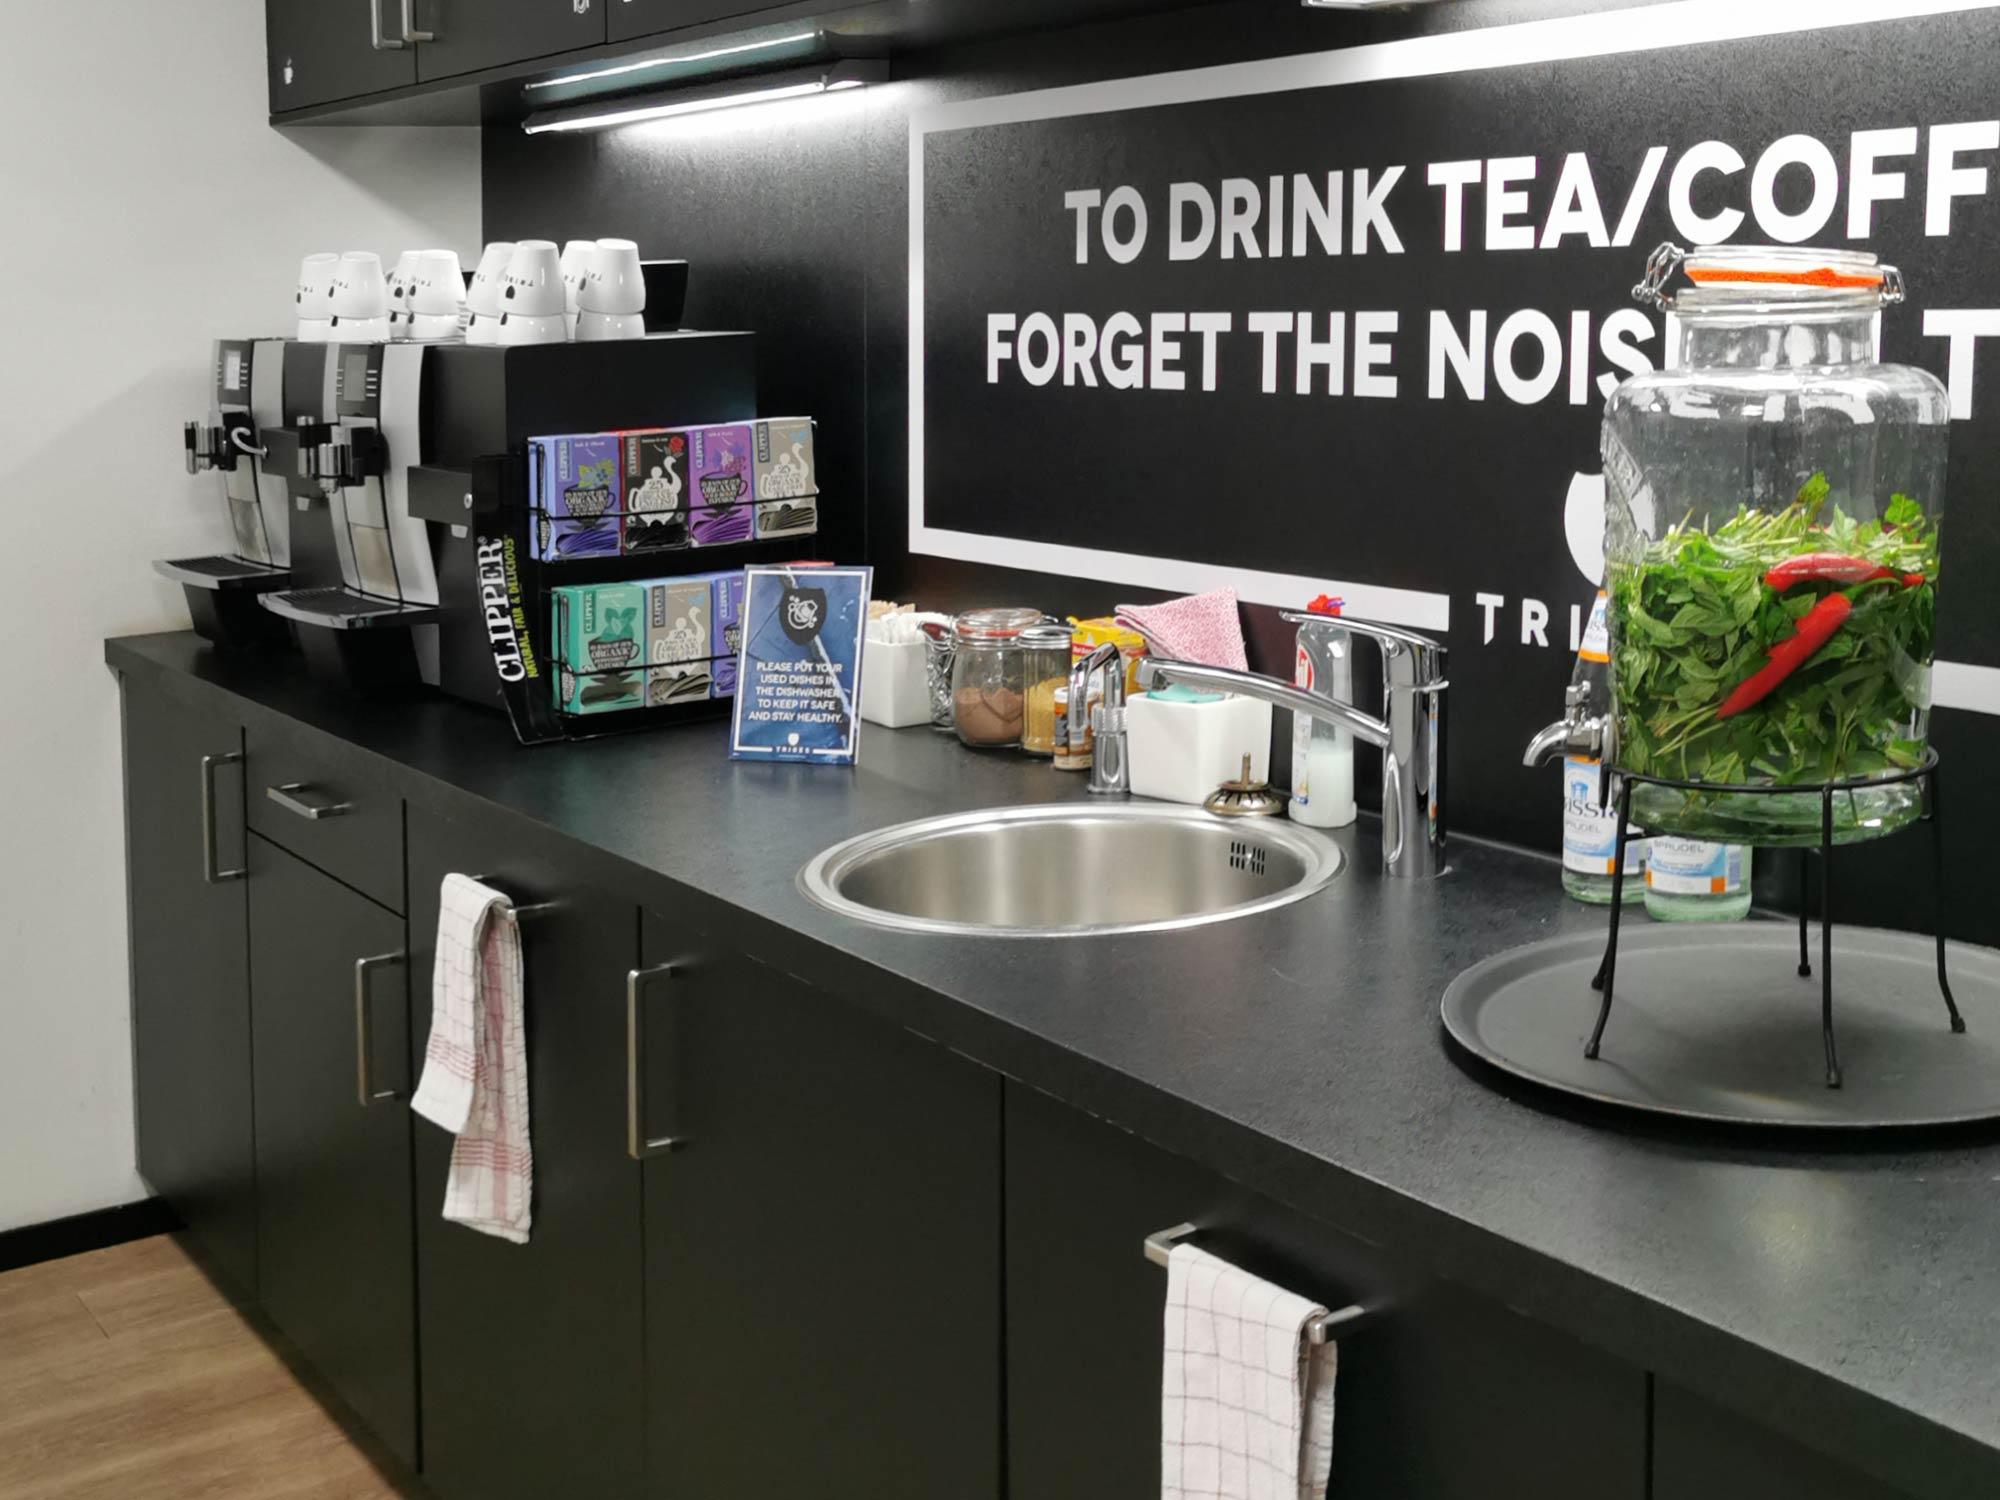 Coworking Küche mit Herbal Water: Das selbst gebraute Erfrischungsgetränk gibt es an allen Tribes-Standorten in wechselnden Geschmacksrichtungen (hier: Wasser/Minze/Chilli)